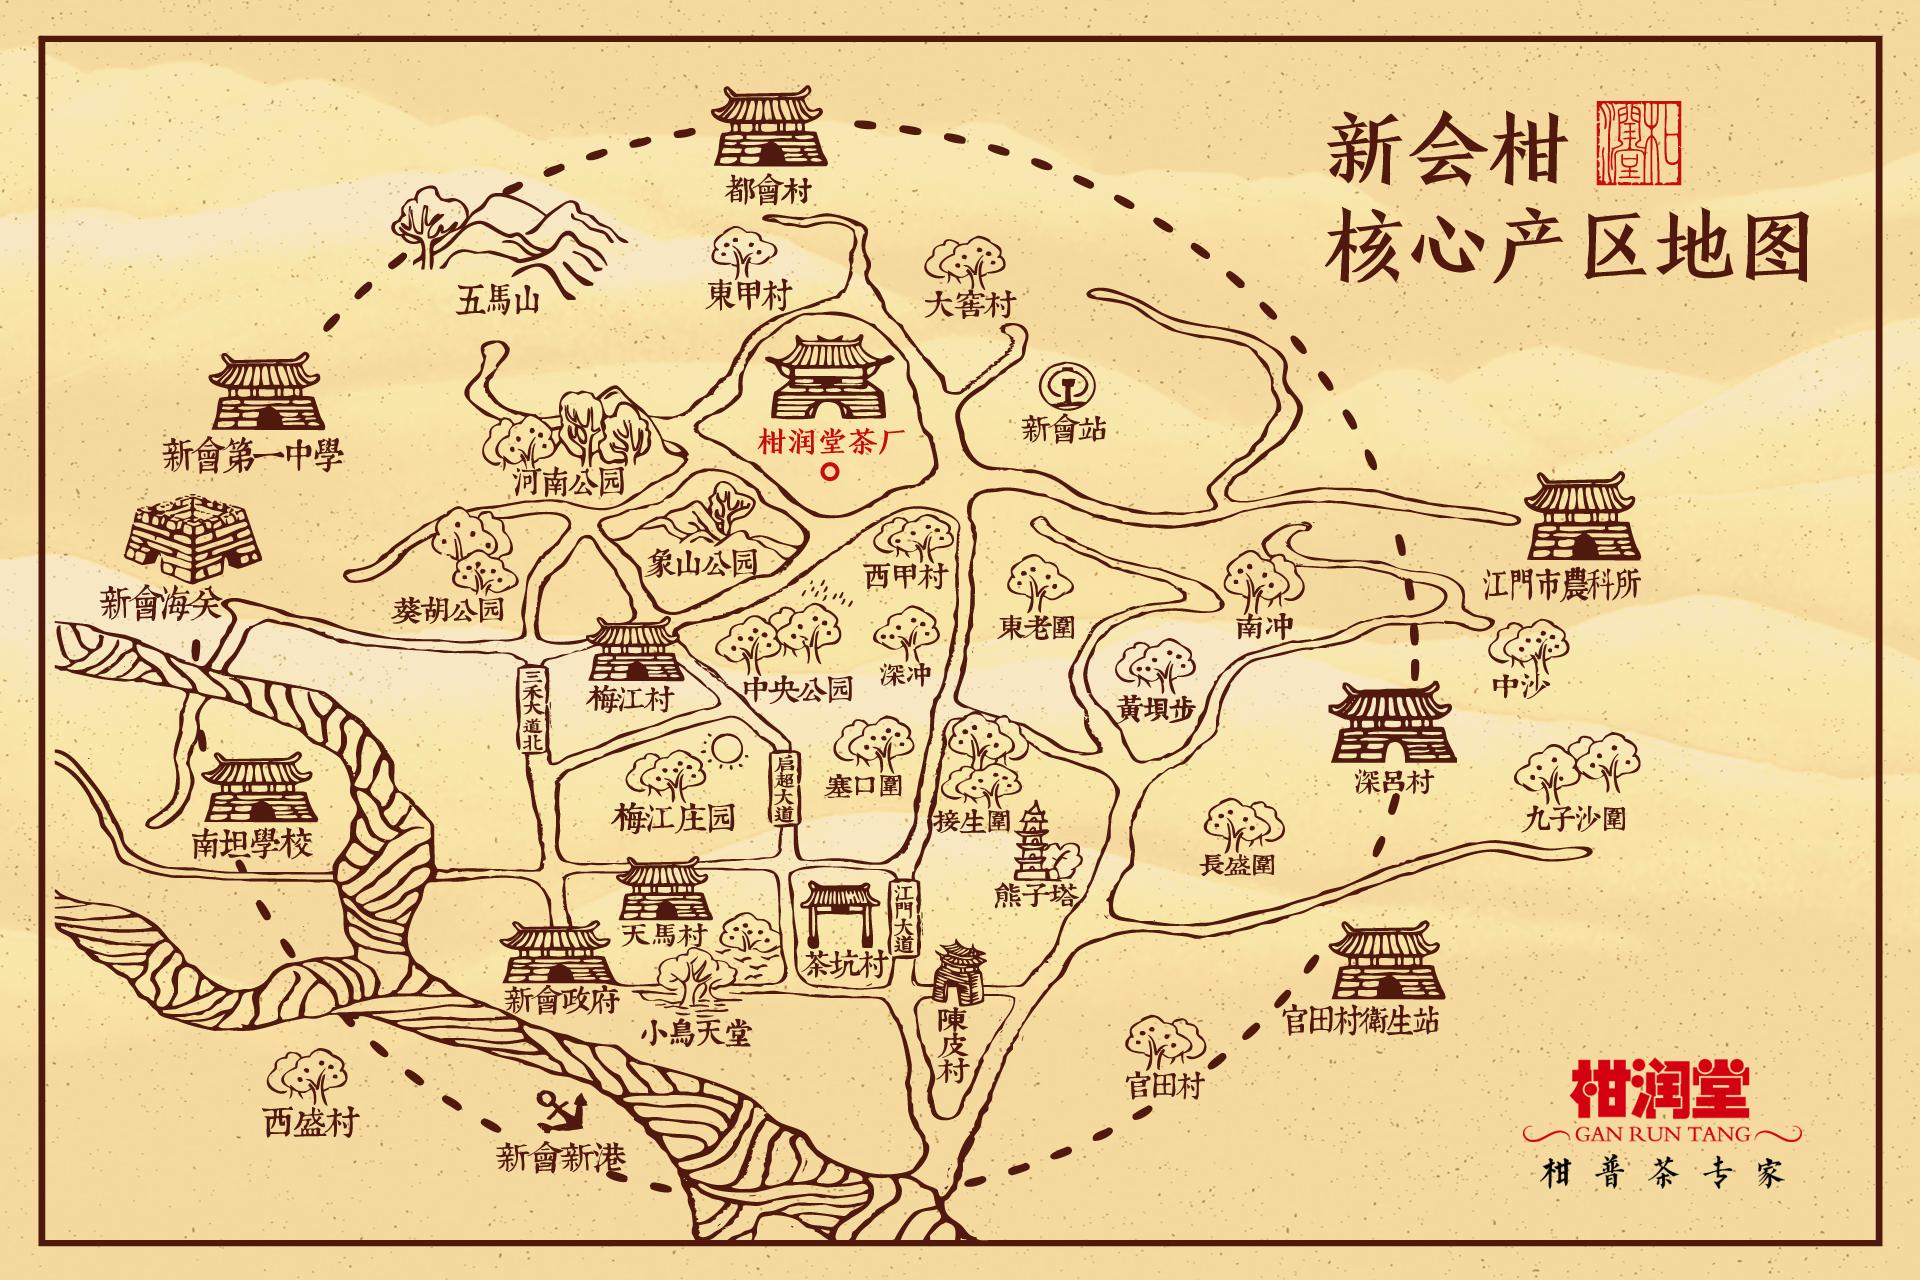 29你所不知道的新会陈皮-柑润堂产区图